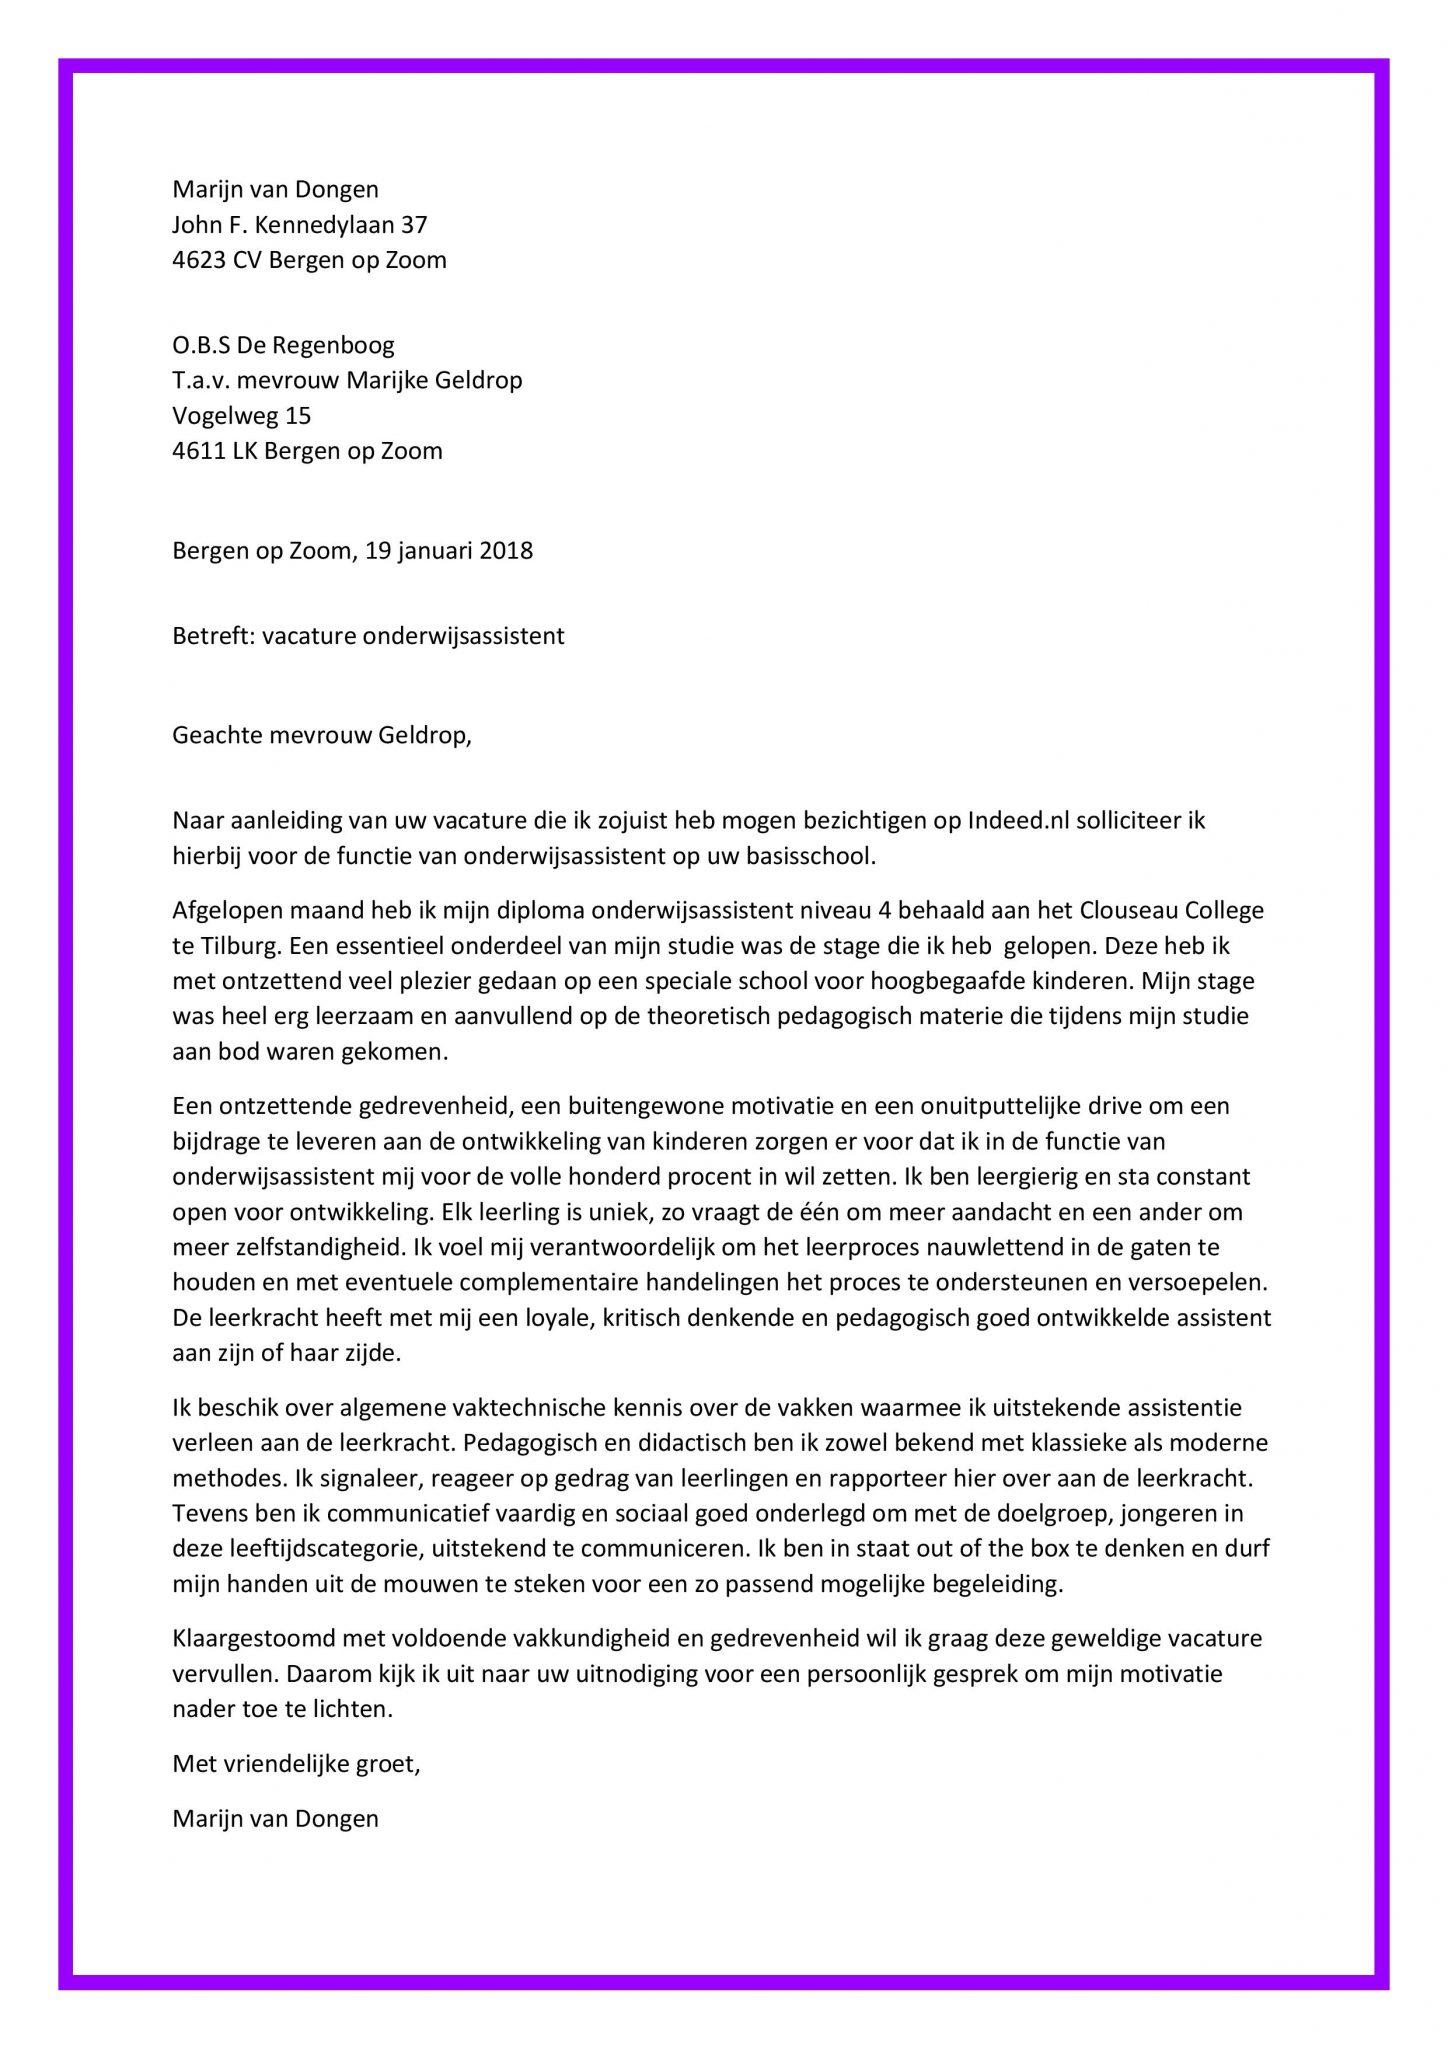 Super Sollicitatiebrief Onderwijsassistent (starter) - Sollicitatiebijbel.nl UF-04